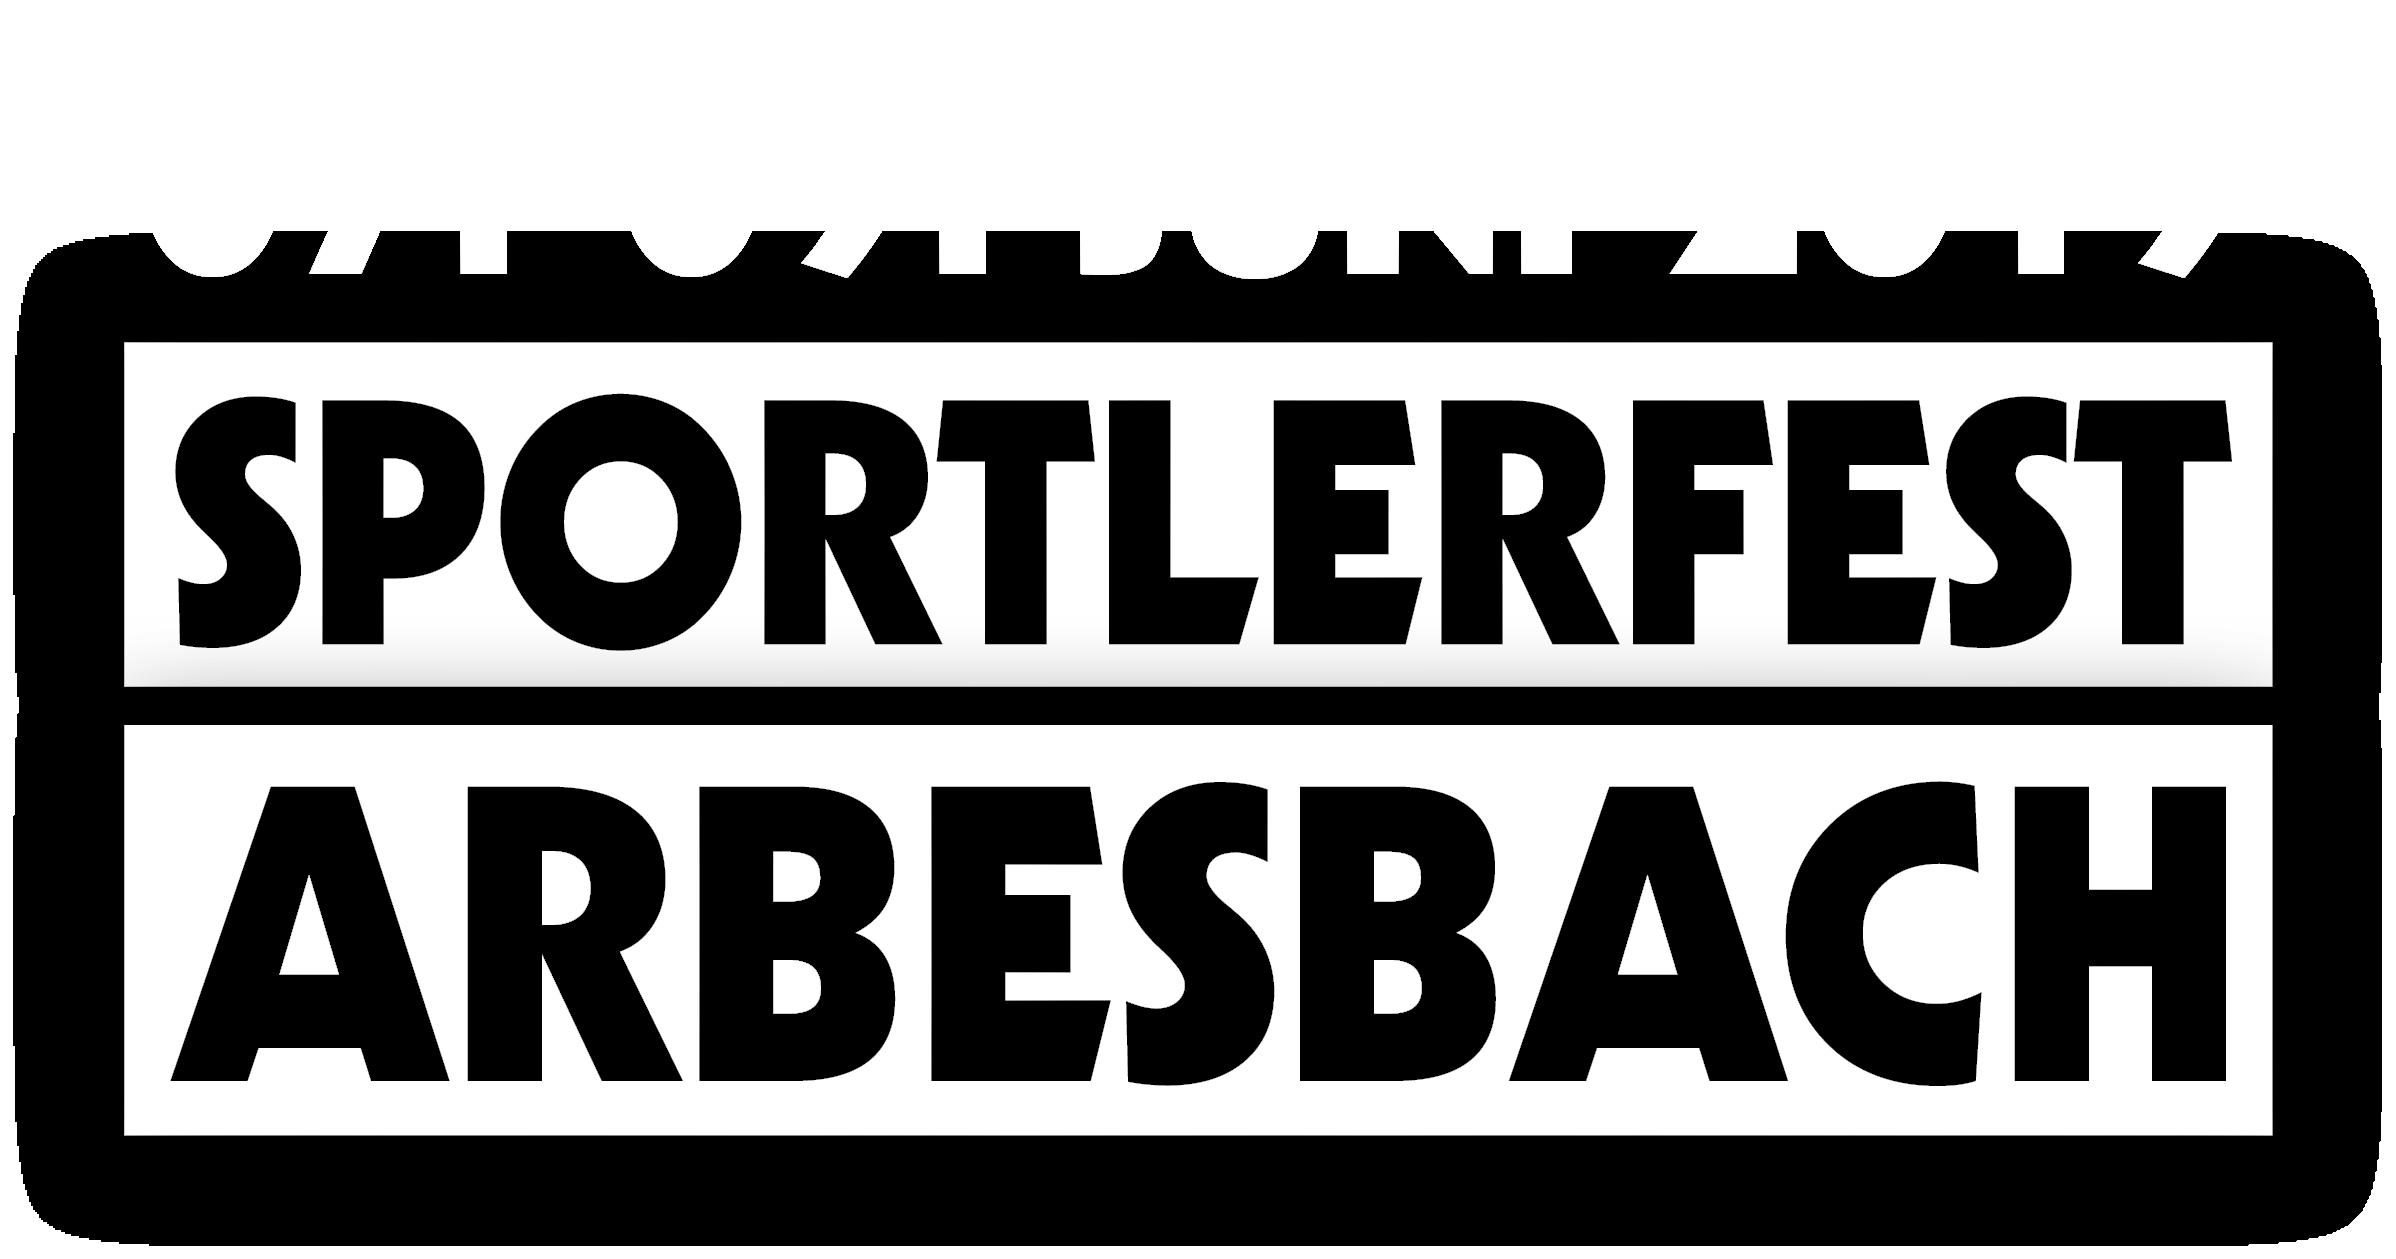 27 Jahre Sportlerfest Arbesbach - 7. - 9. Juni 2019